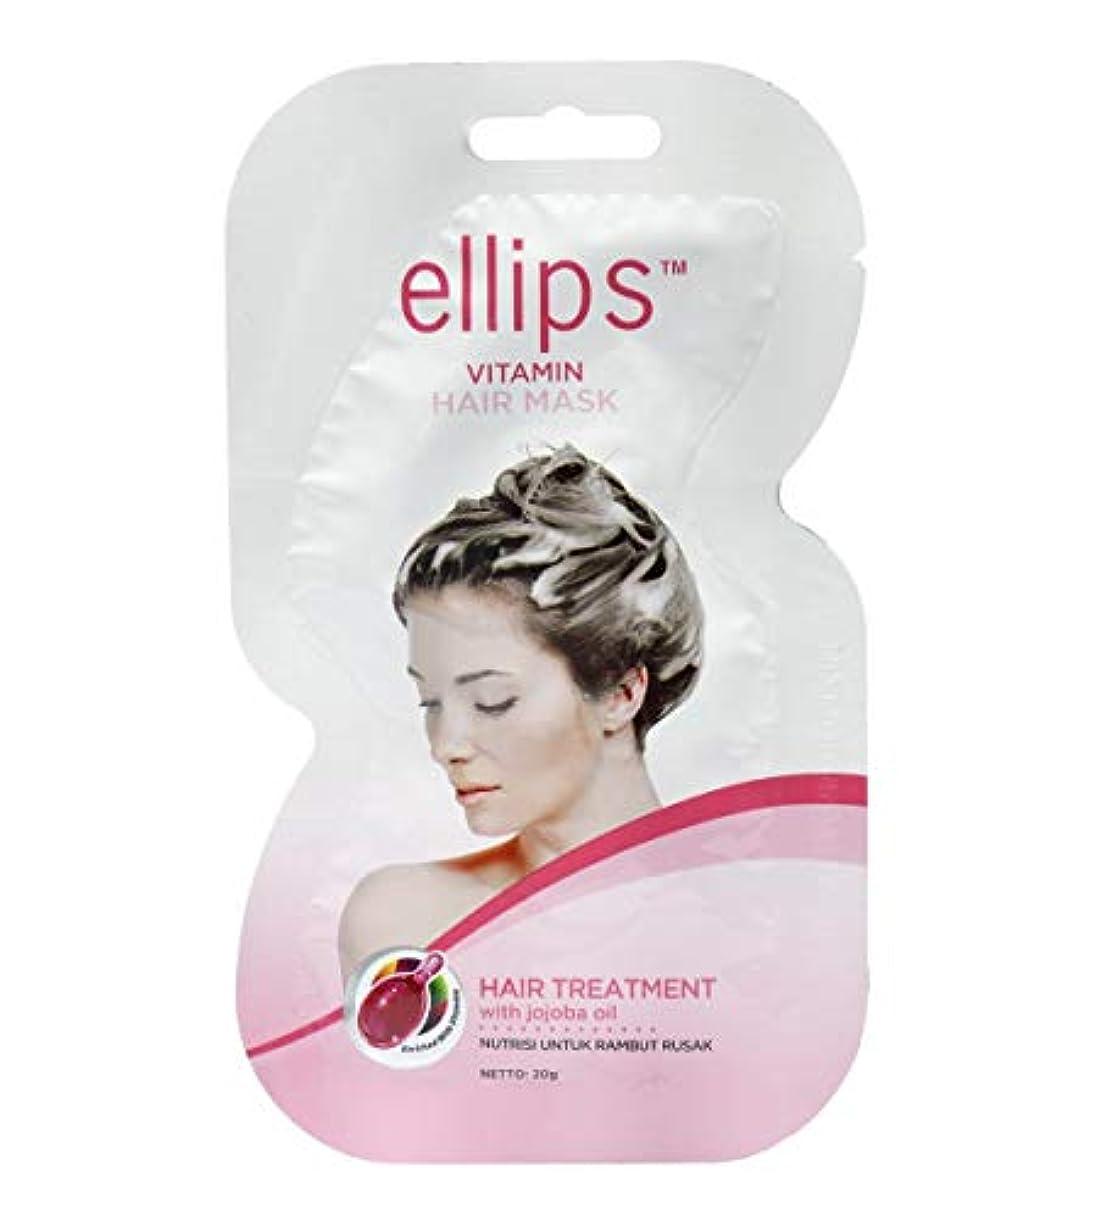 あざラビリンスミュージカルellips(エリップス) ヘアマスク ヘアパック シートタイプ 洗い流すヘアトリートメント ヘアケア ピンク(ダメージ用)